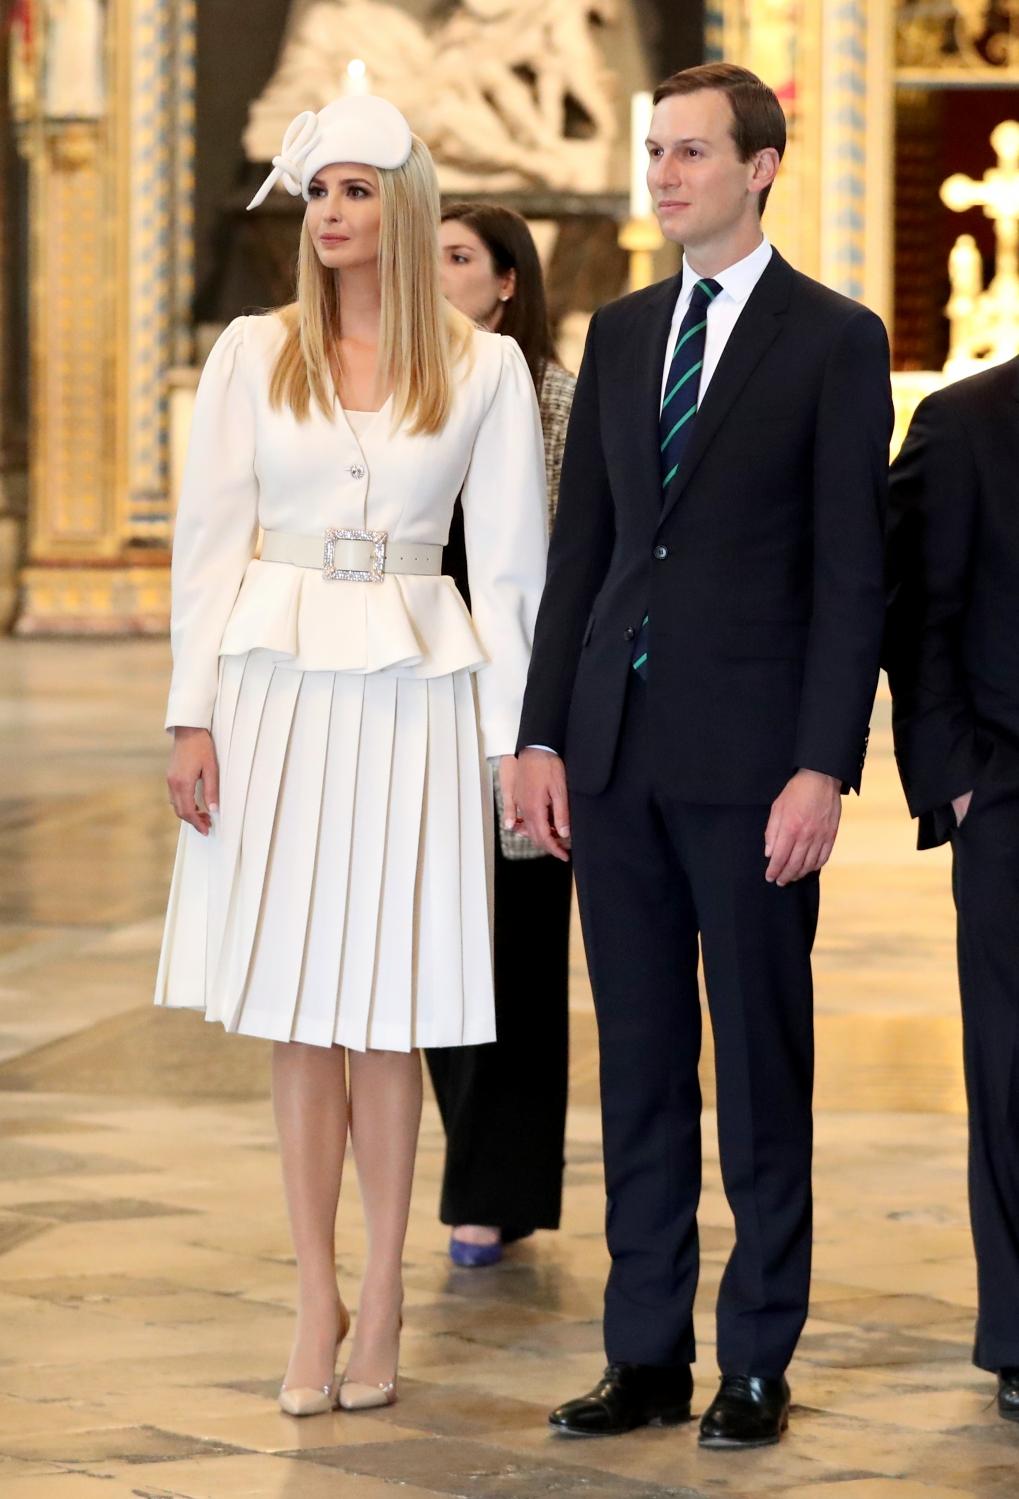 Ivanka Trump diện blazer trắng tay phồng, chân váy xếp li màu trắng